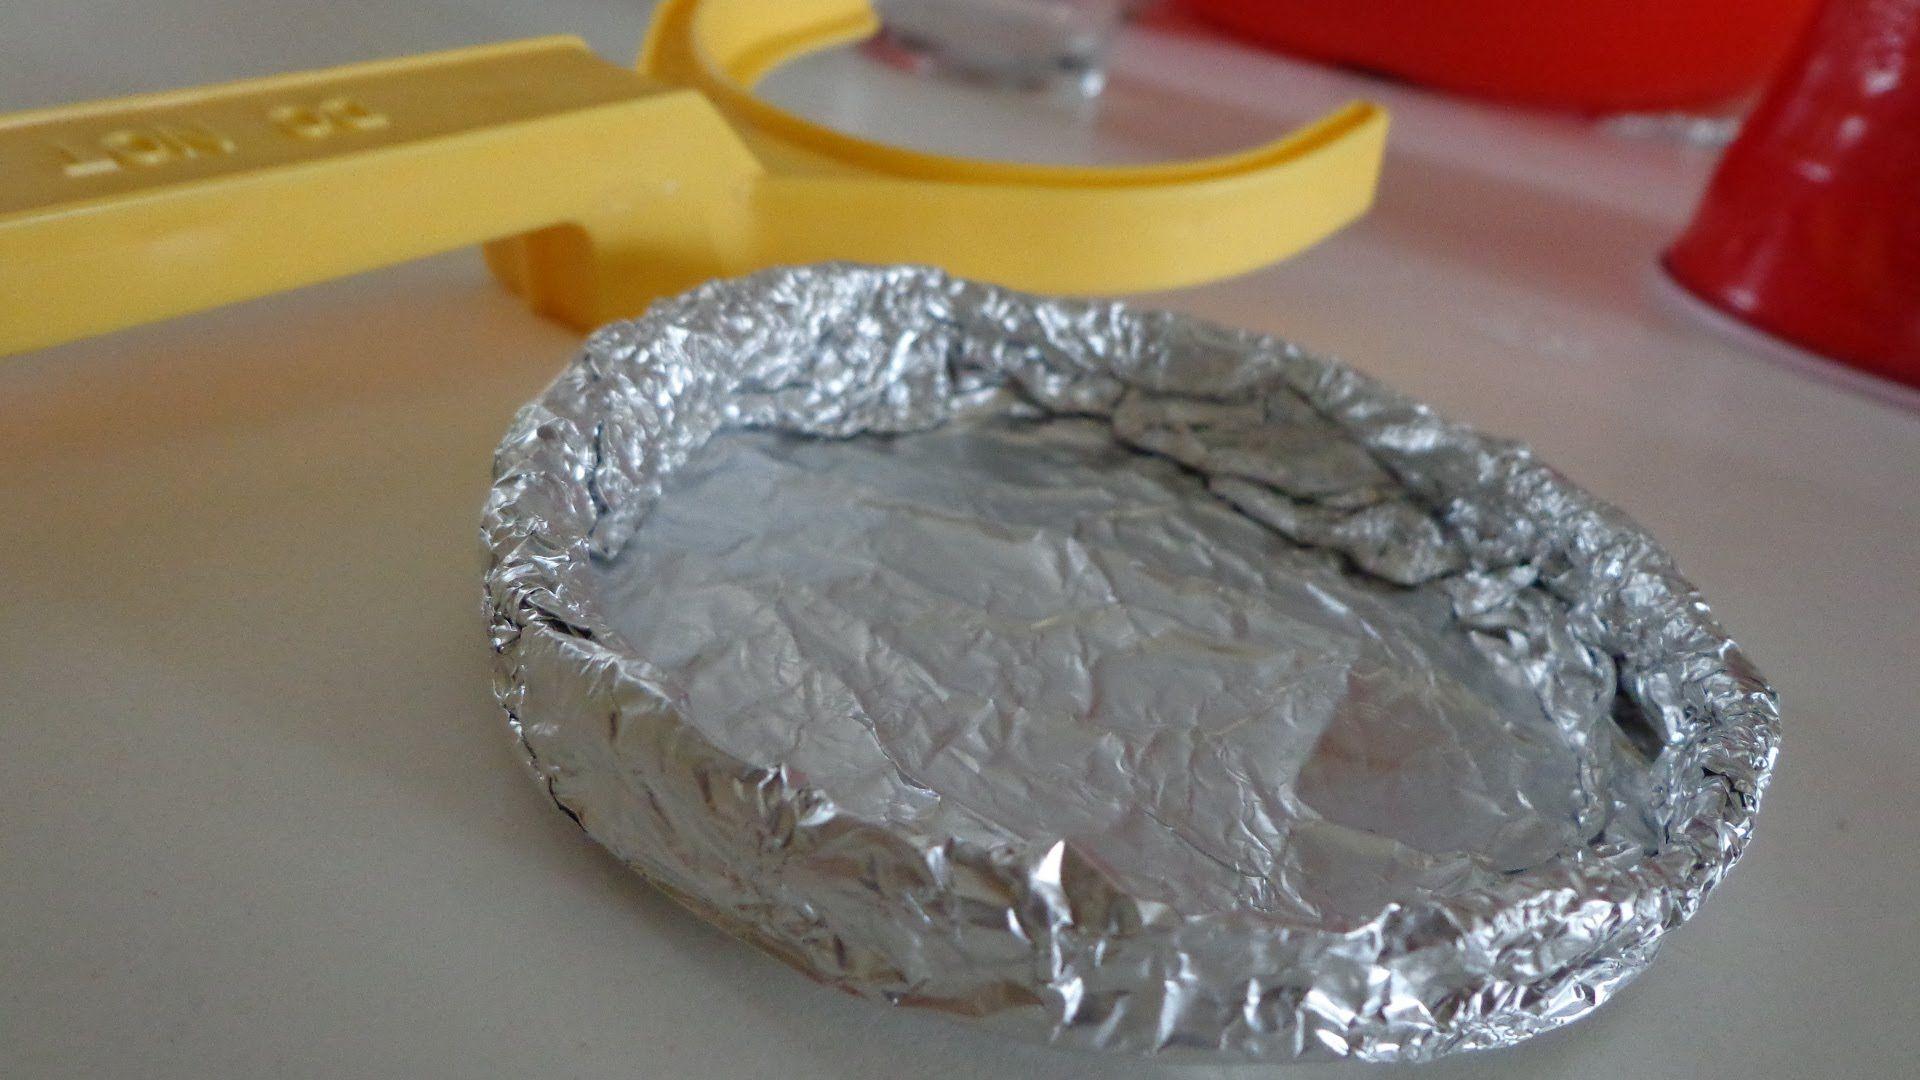 How To Make Easy Bake Oven Foil Pans Easy Bake Oven Pans Easy